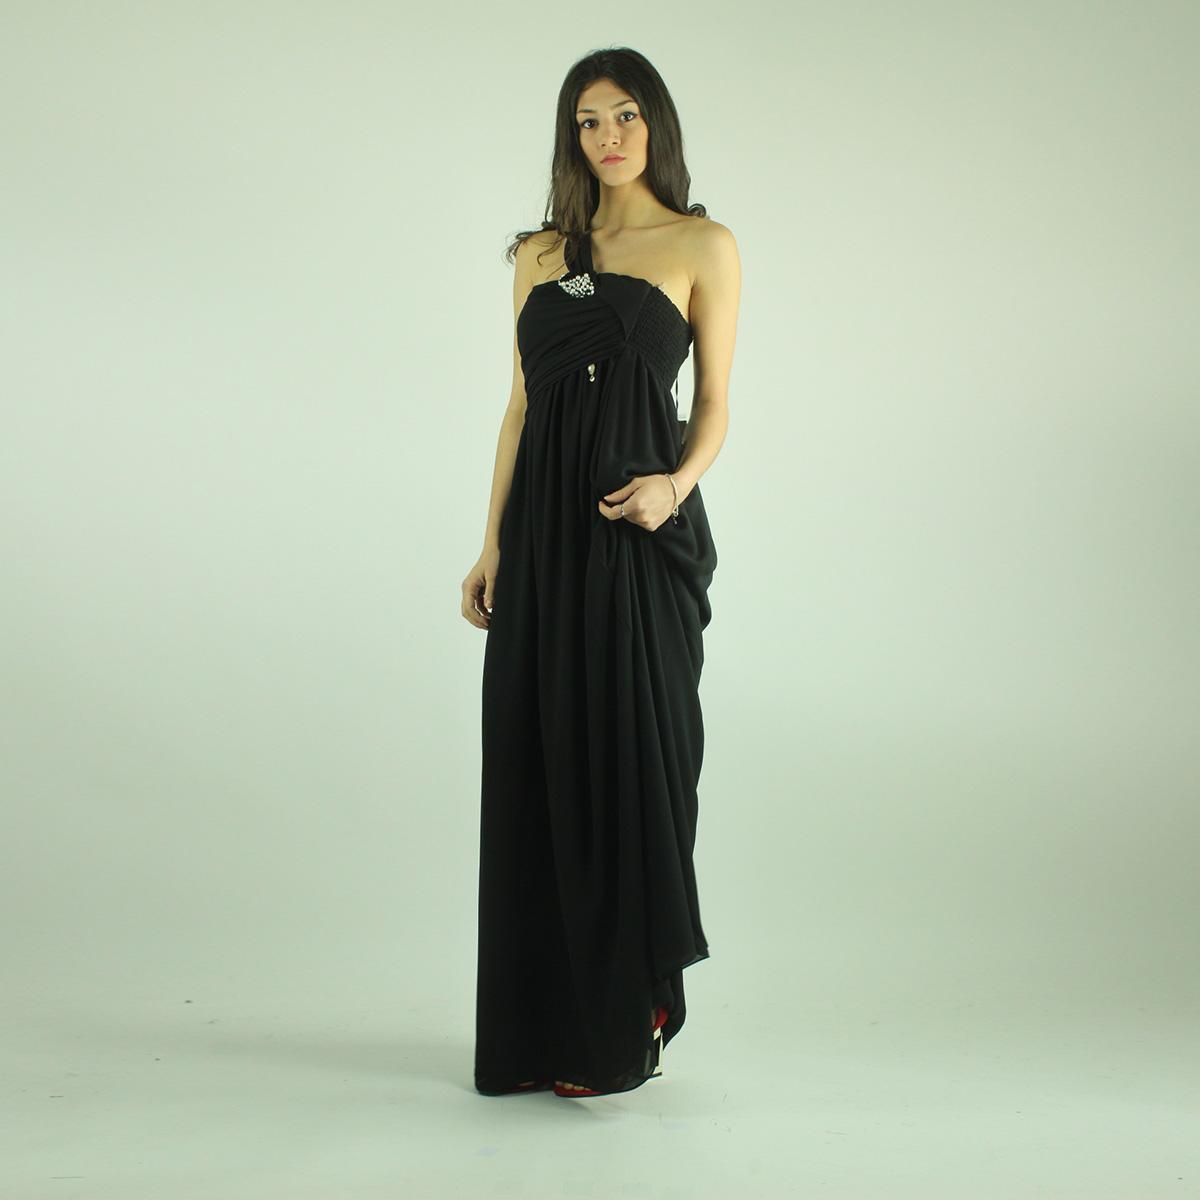 LOTTI IN STOCK · CONTATTI · Abito nero lungo con perle NENETTE. Home    Abbigliamento   Donna d0edb232126